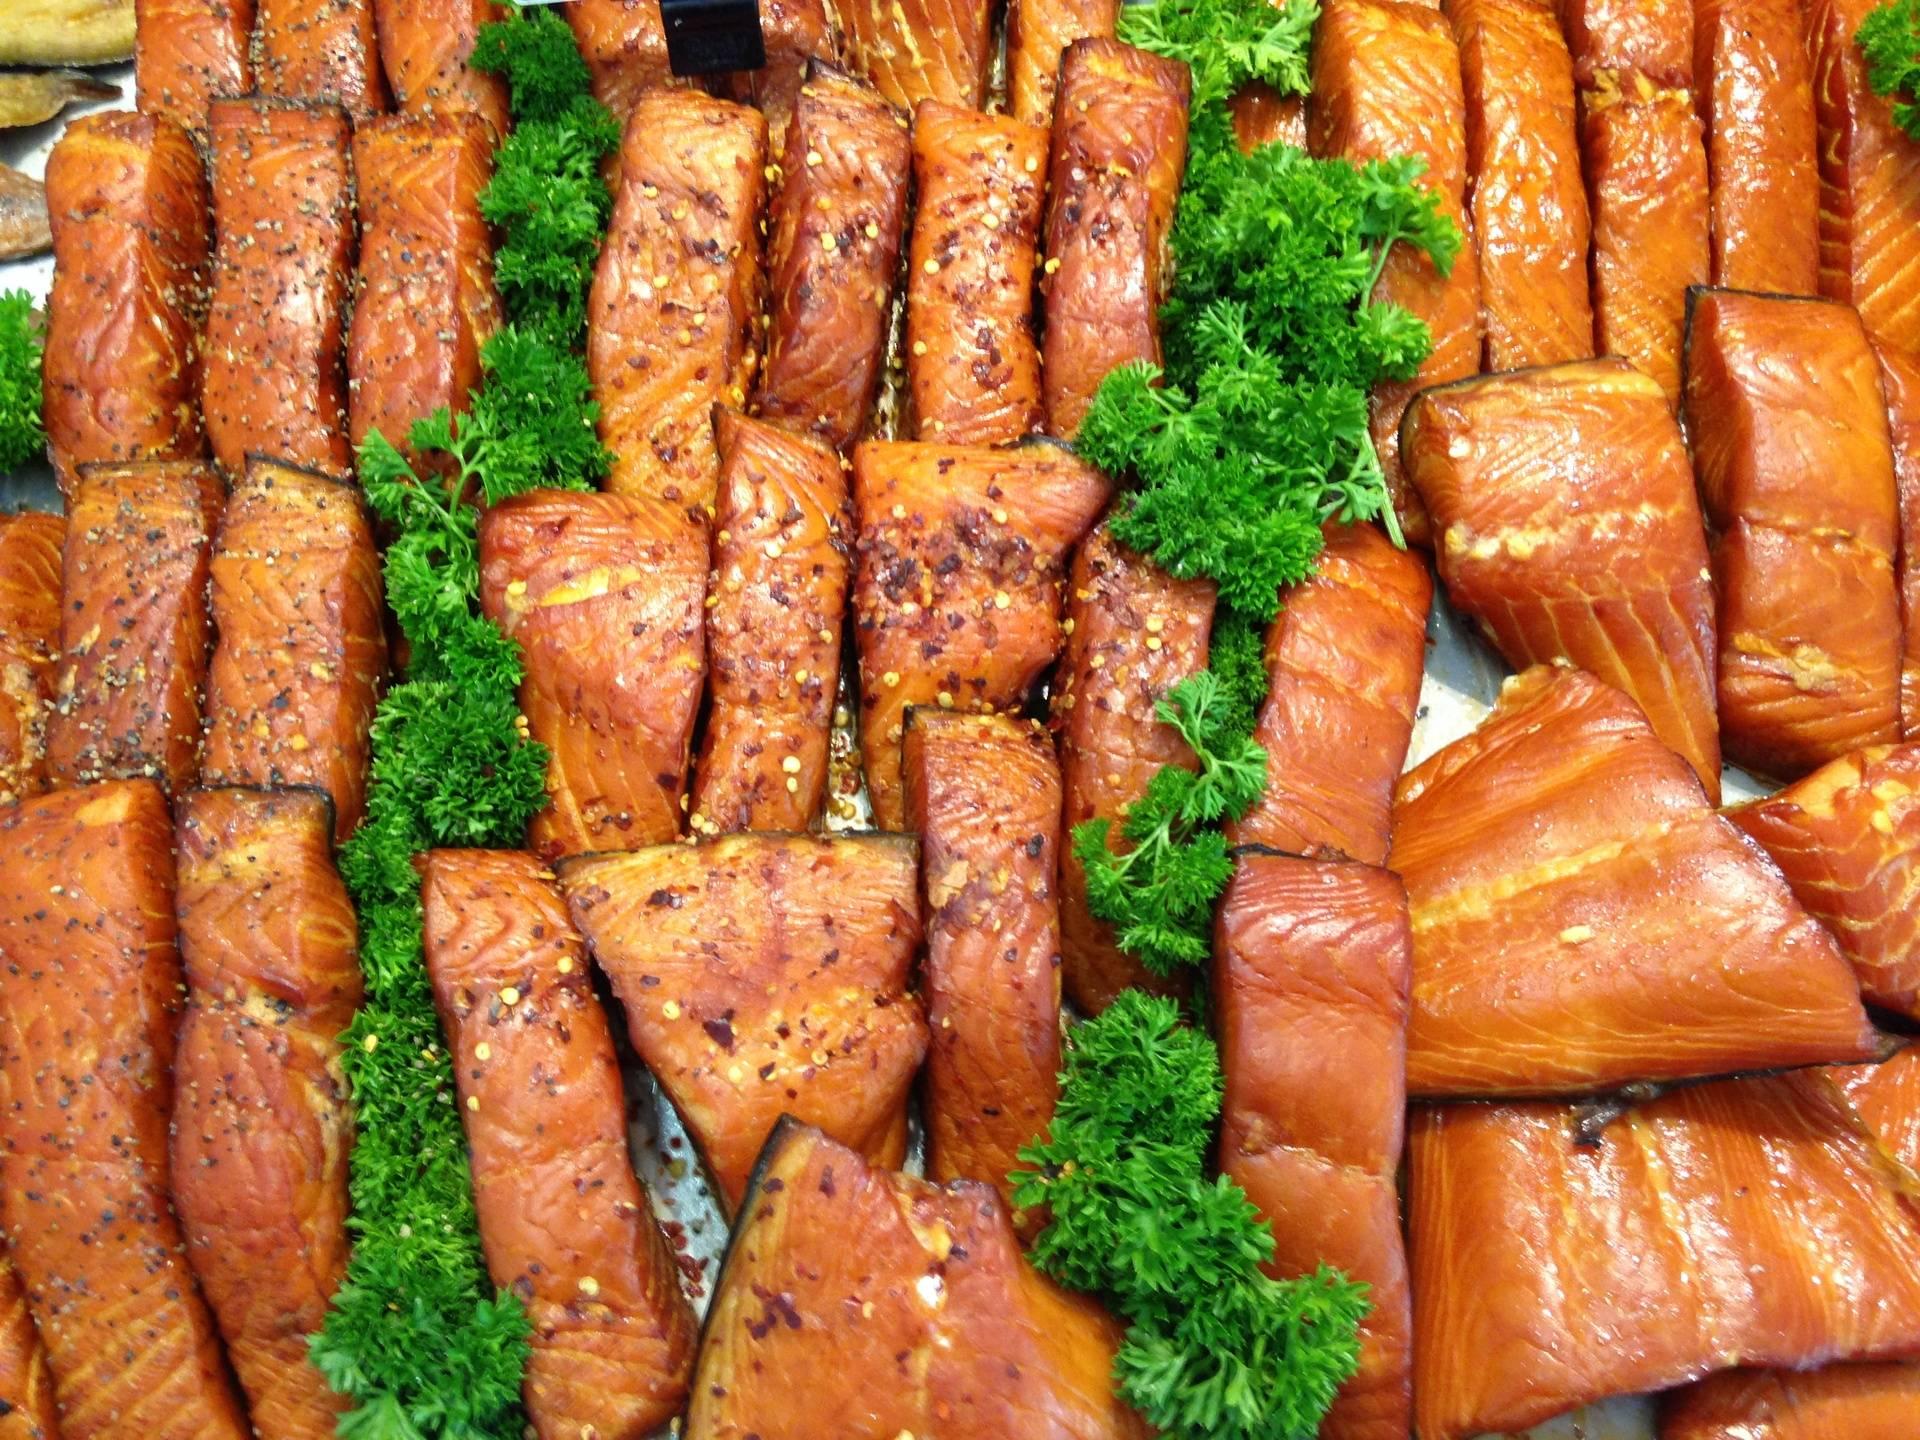 our own kiln roasted salmon